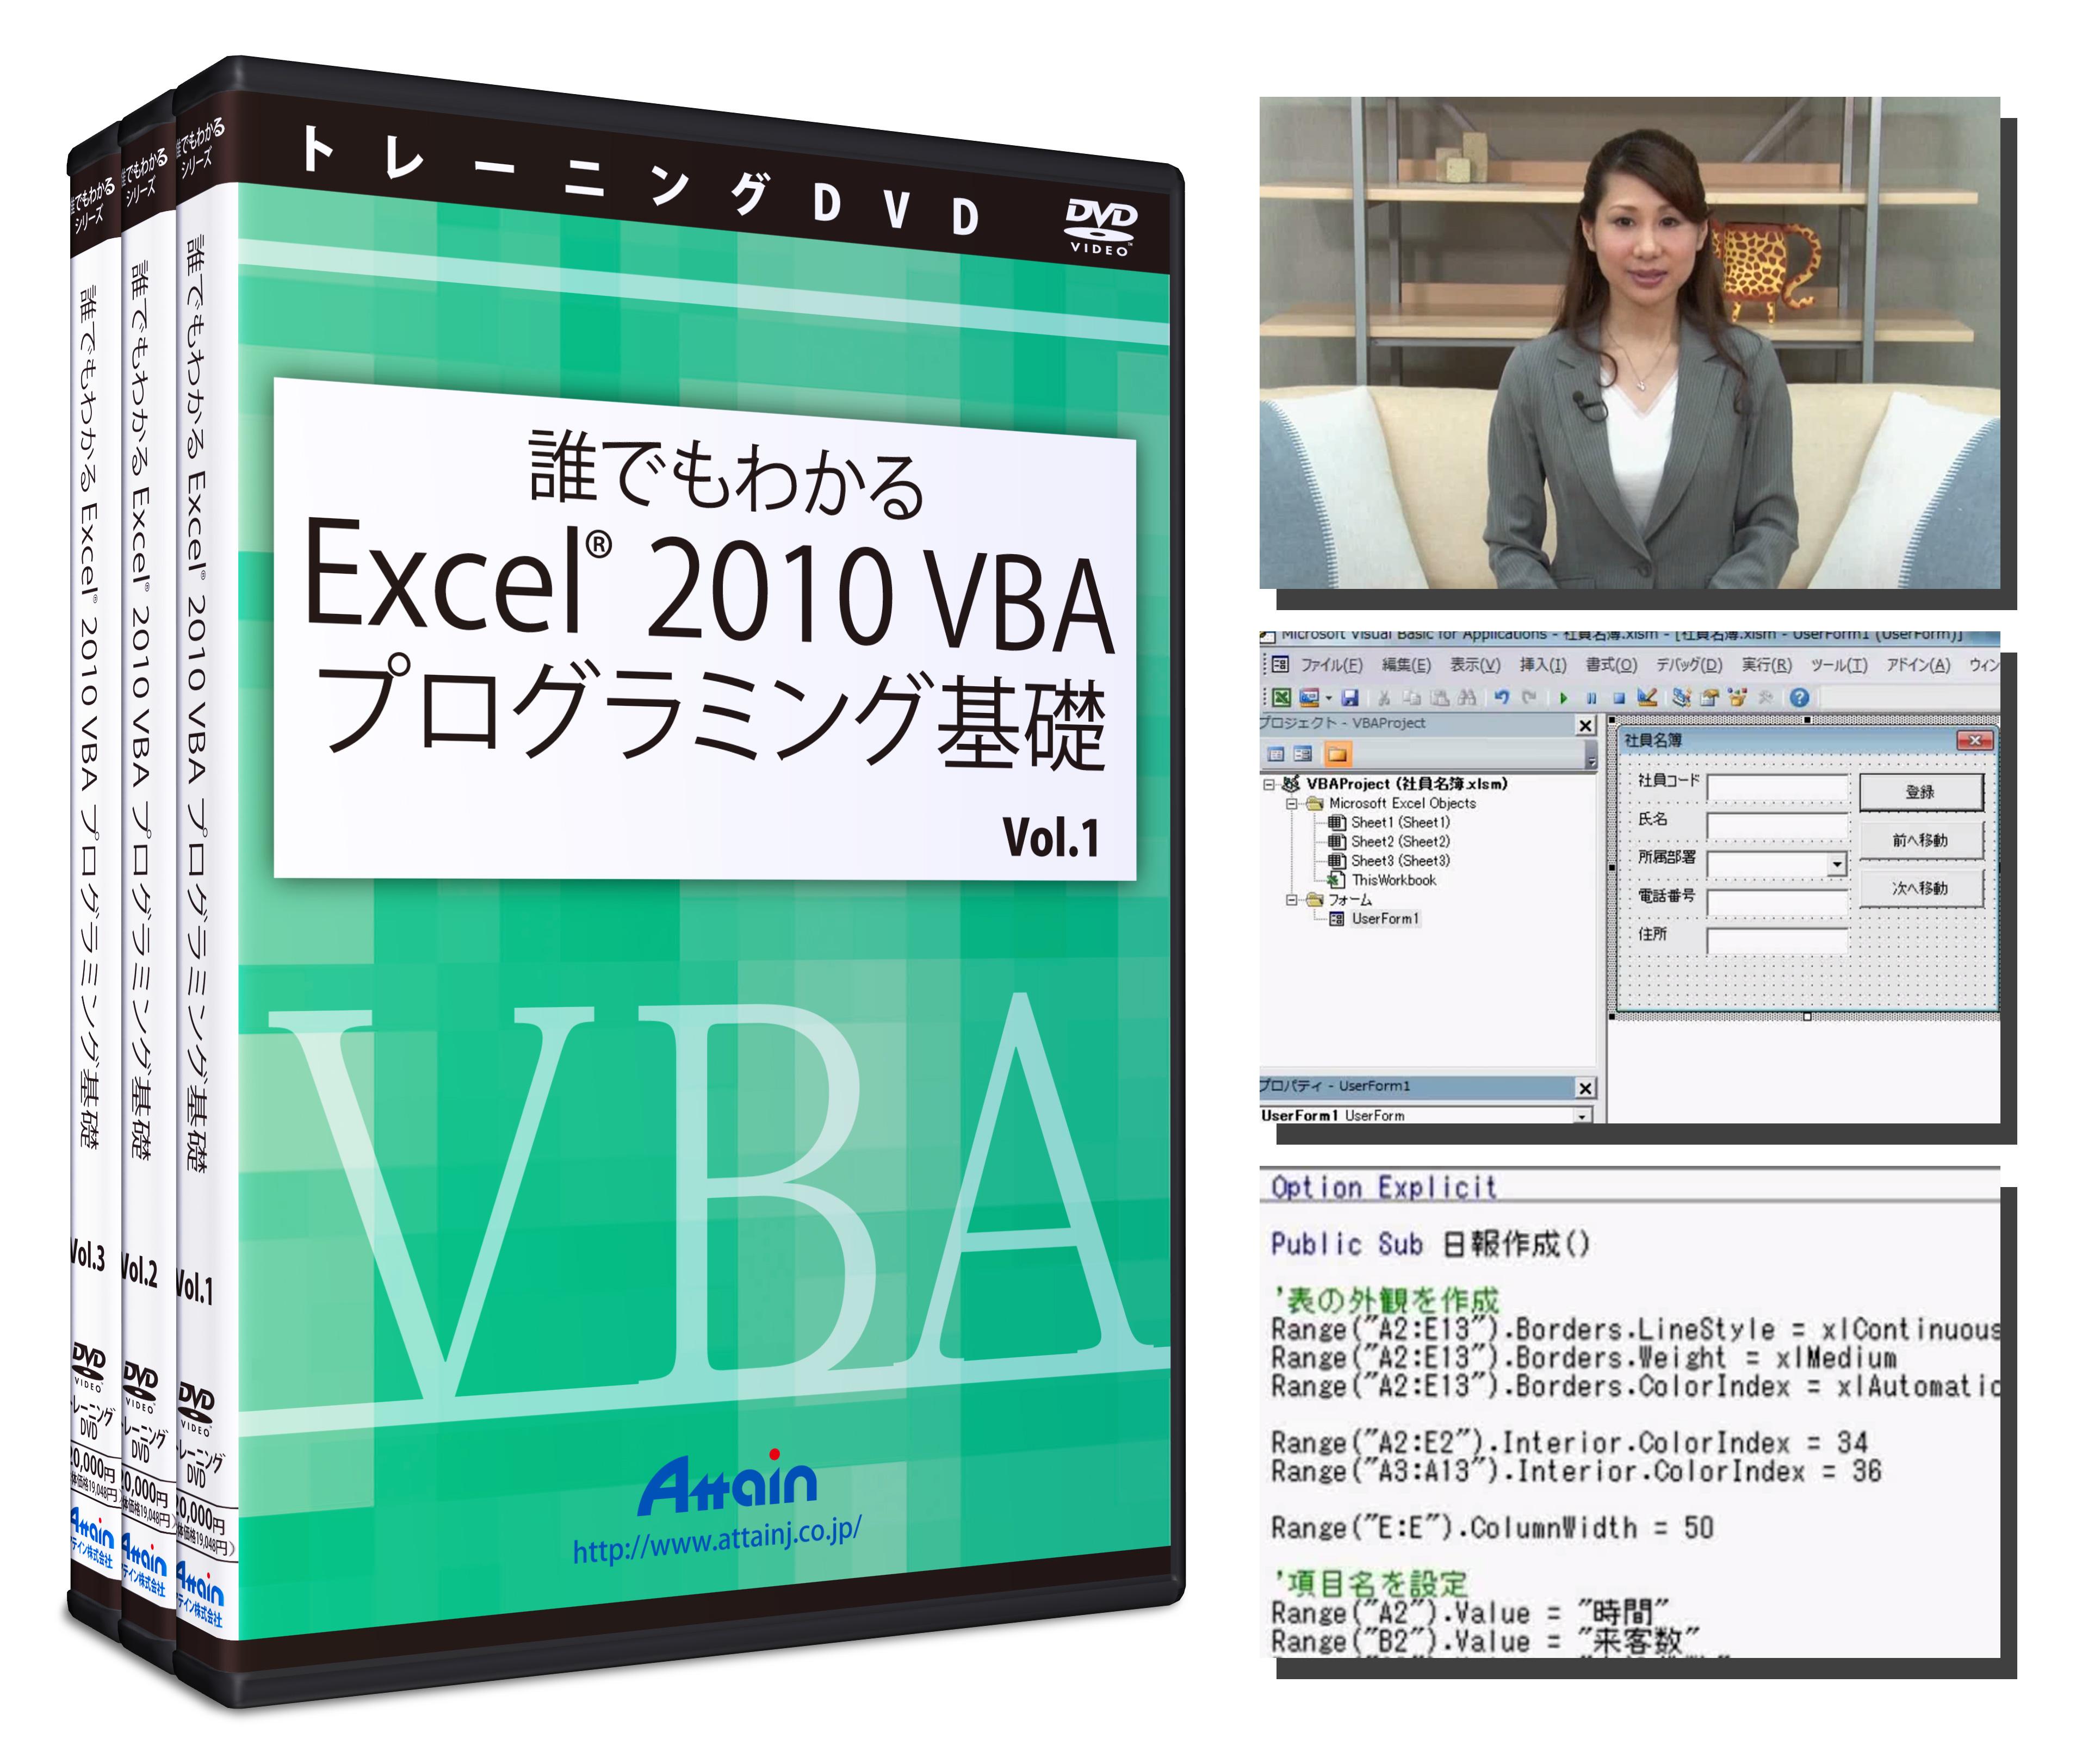 「Excel 2010 VBAプログラミング基礎」トレーニングDVDを2月20日に発売